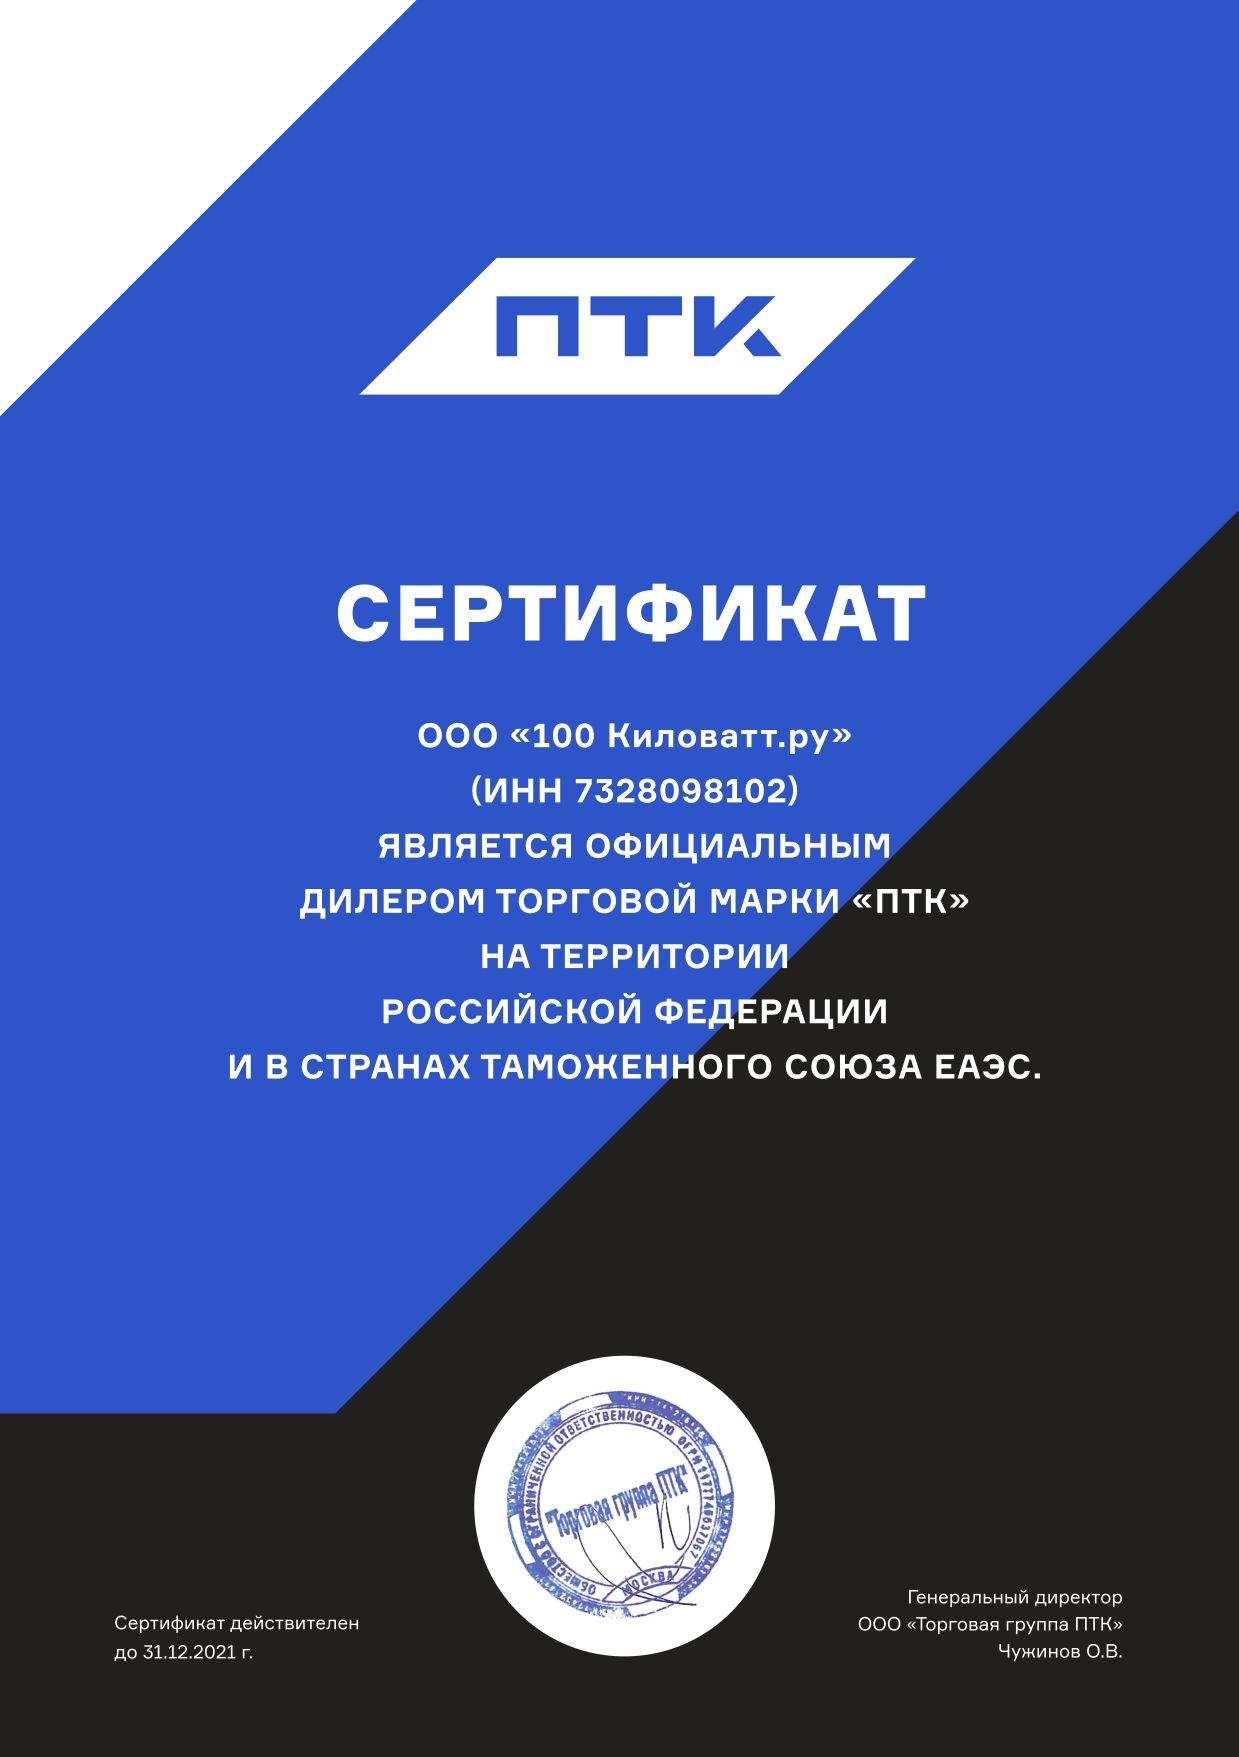 ПТК - Сертификат дилера